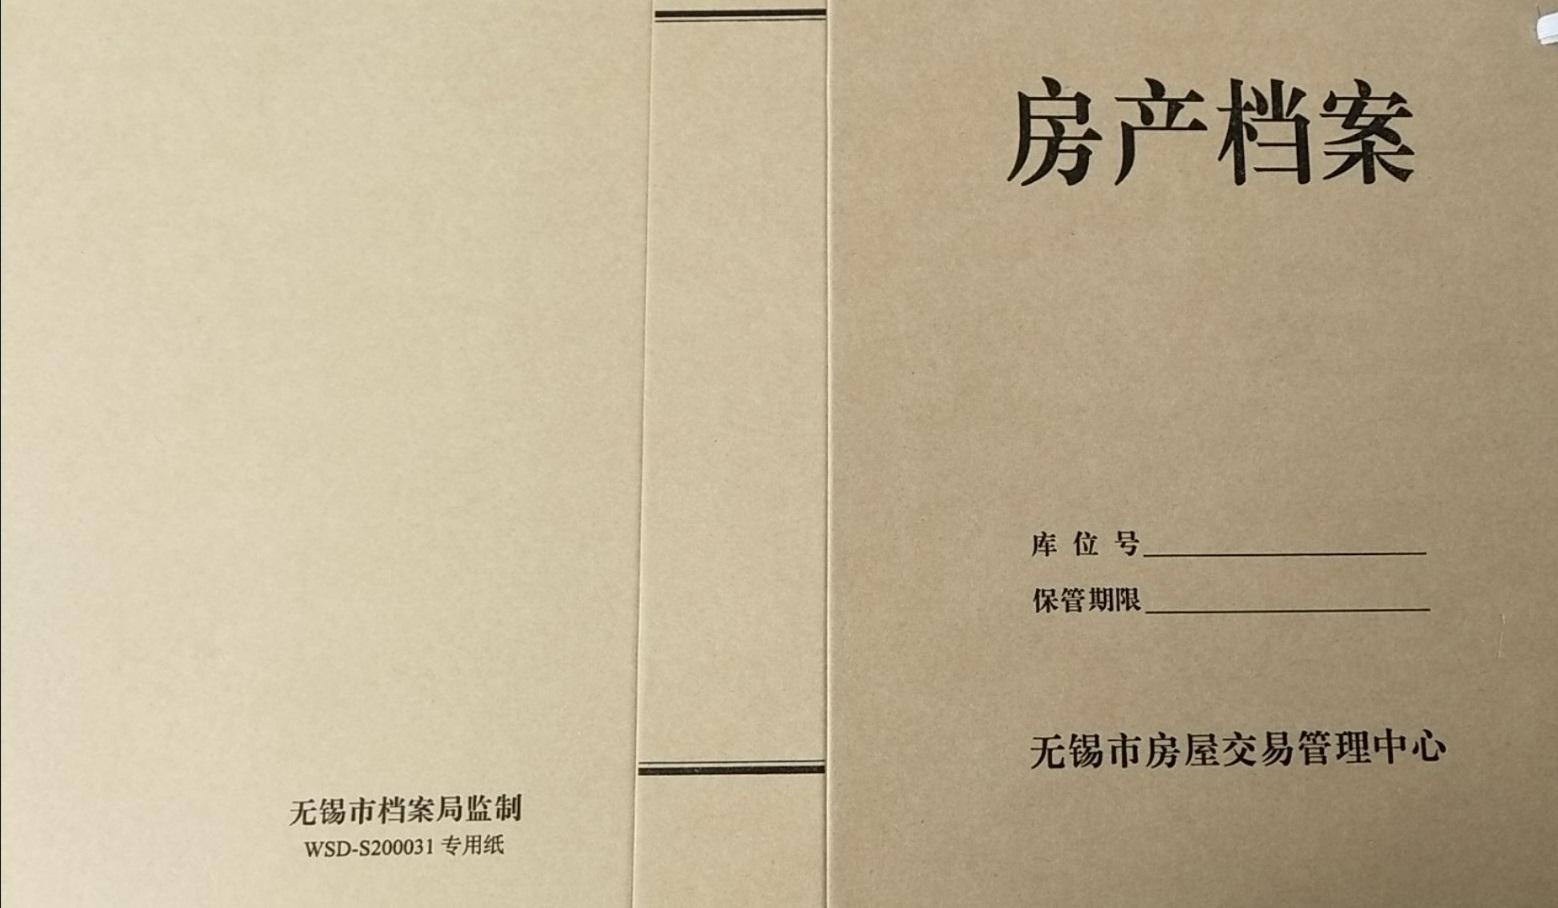 专用房产档案档案盒